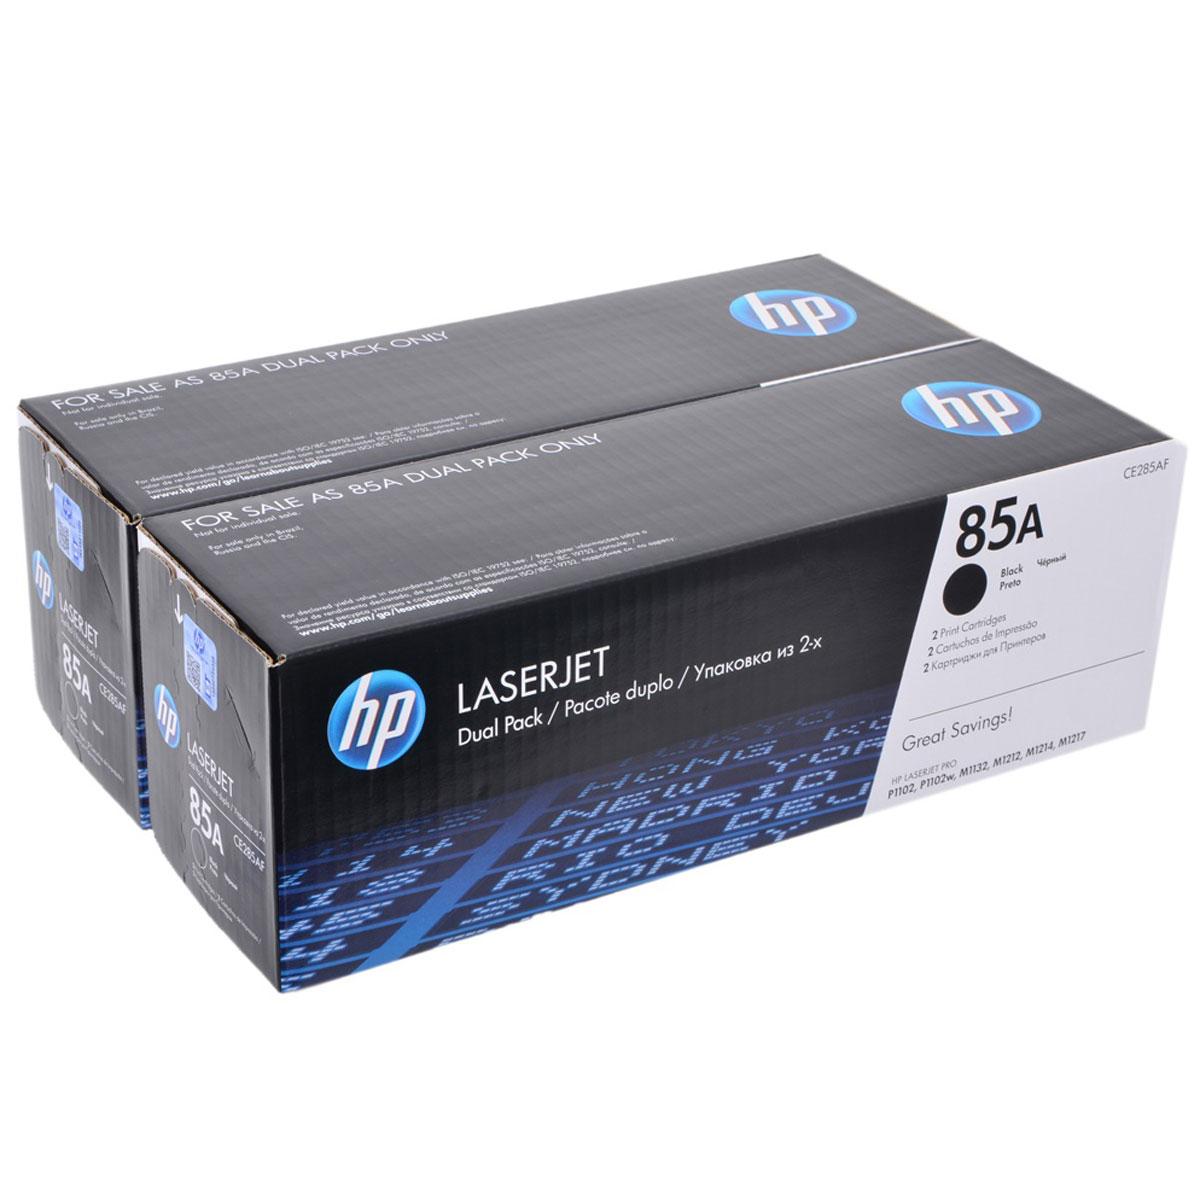 HP CE285AF, Black картридж для LaserJet